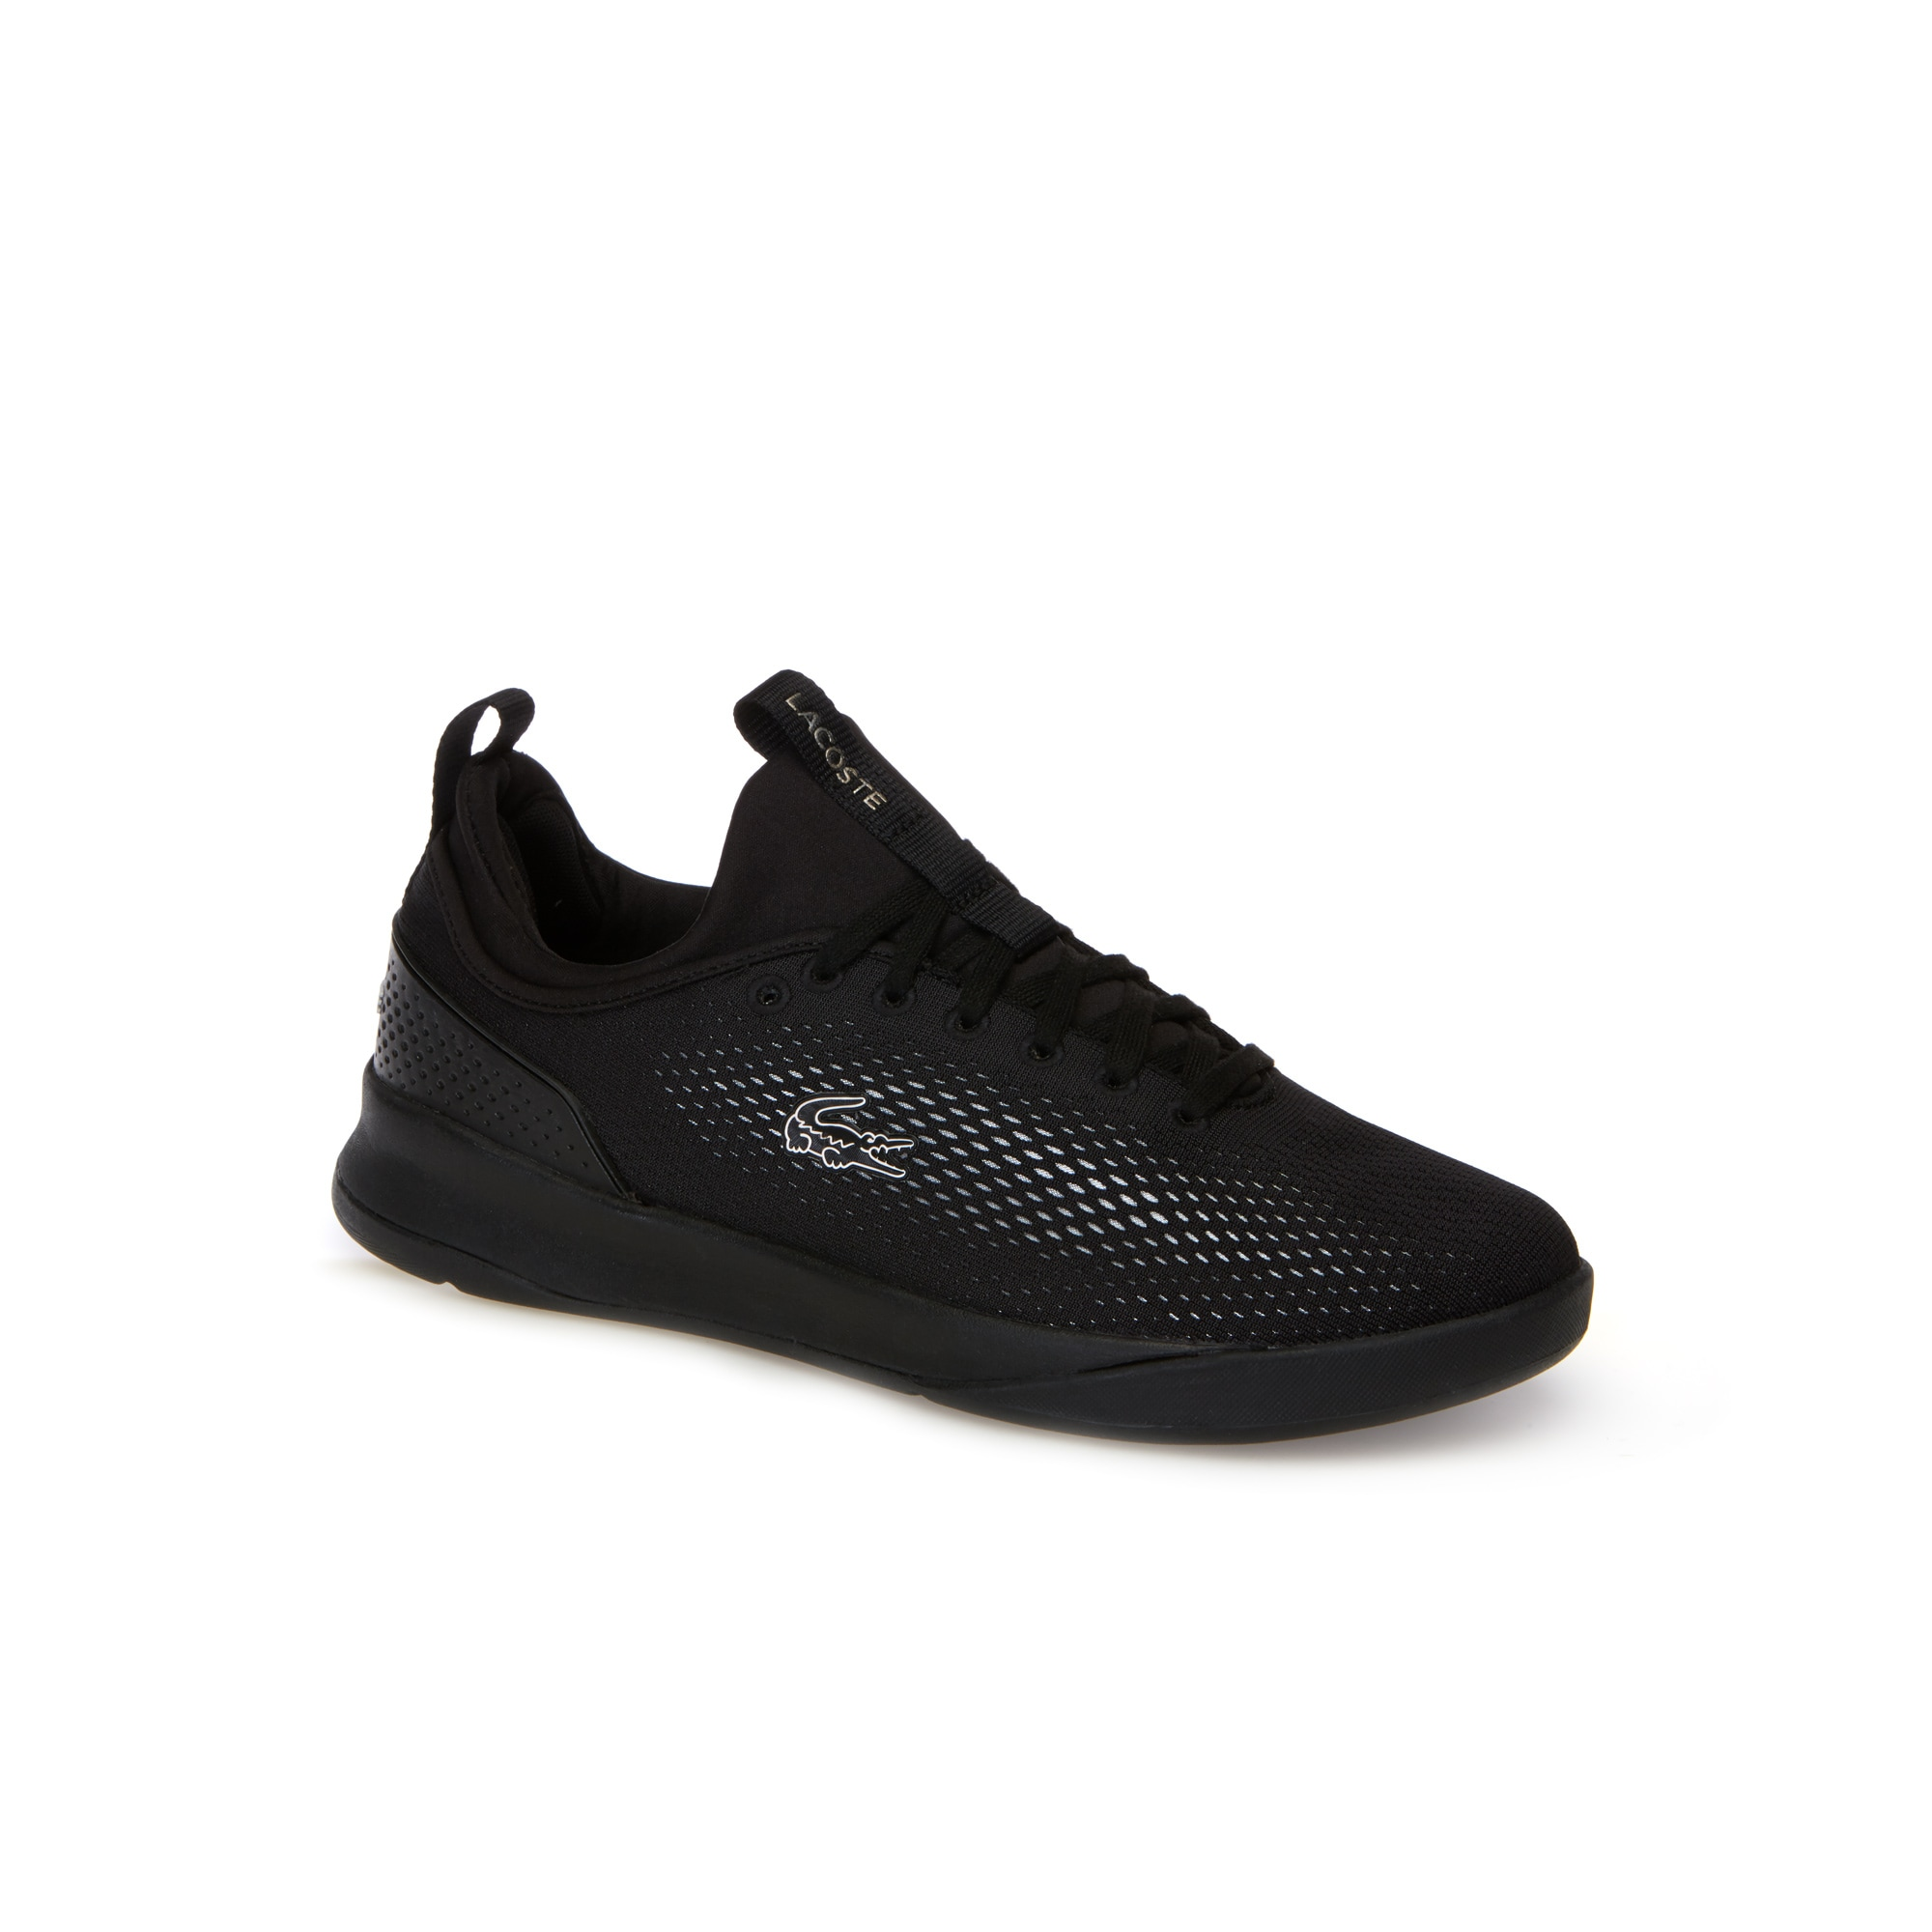 Herren-Sneakers LT SPIRIT 2.0 aus Mesh LACOSTE SPORT